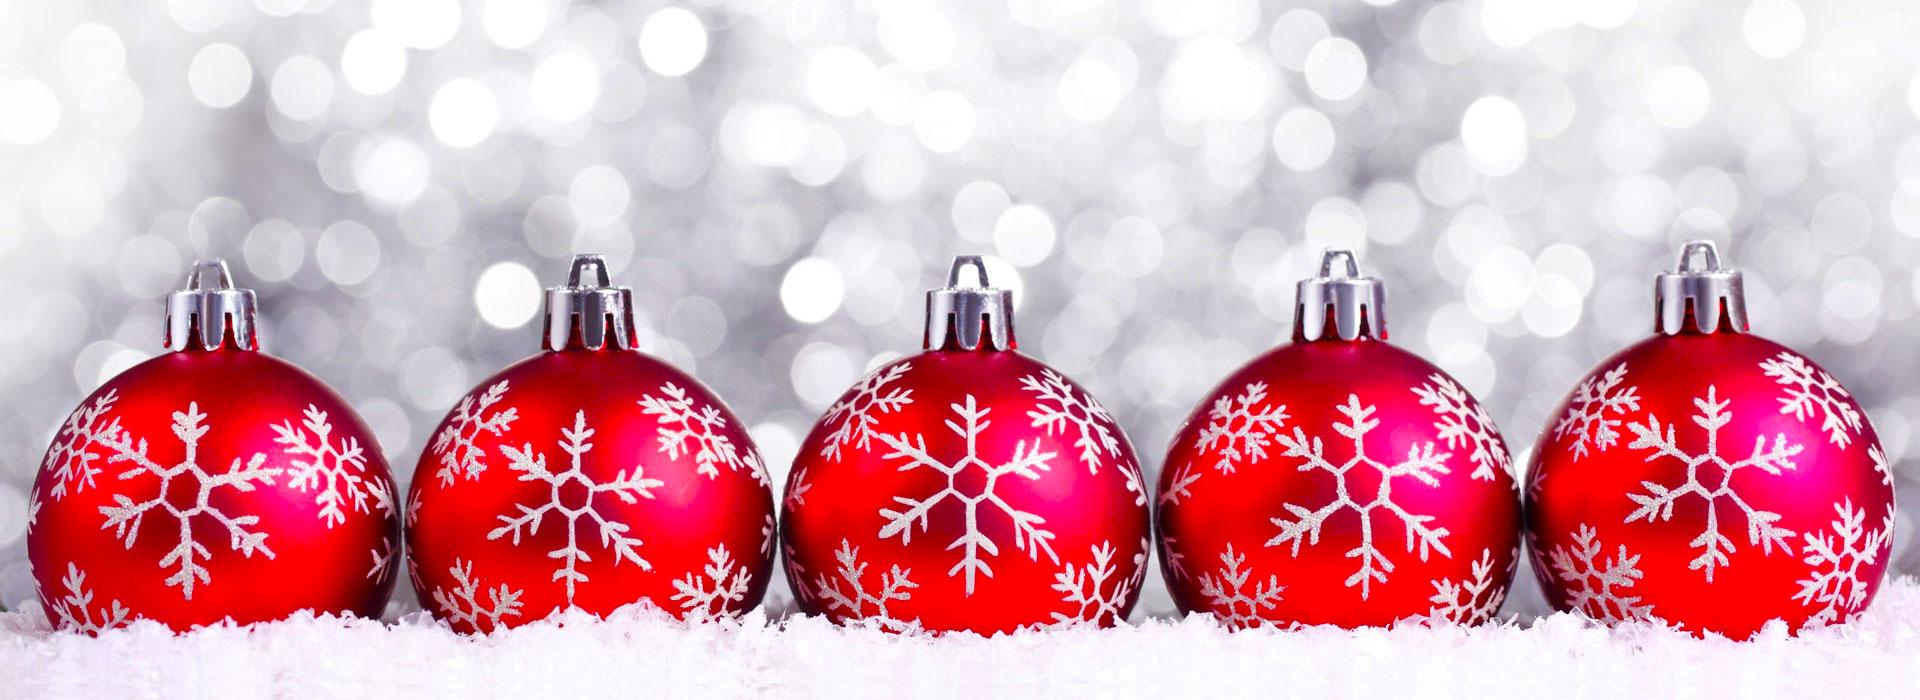 Speciale Natale.Speciale Natale Capodanno Ed Epifania A Cattolica